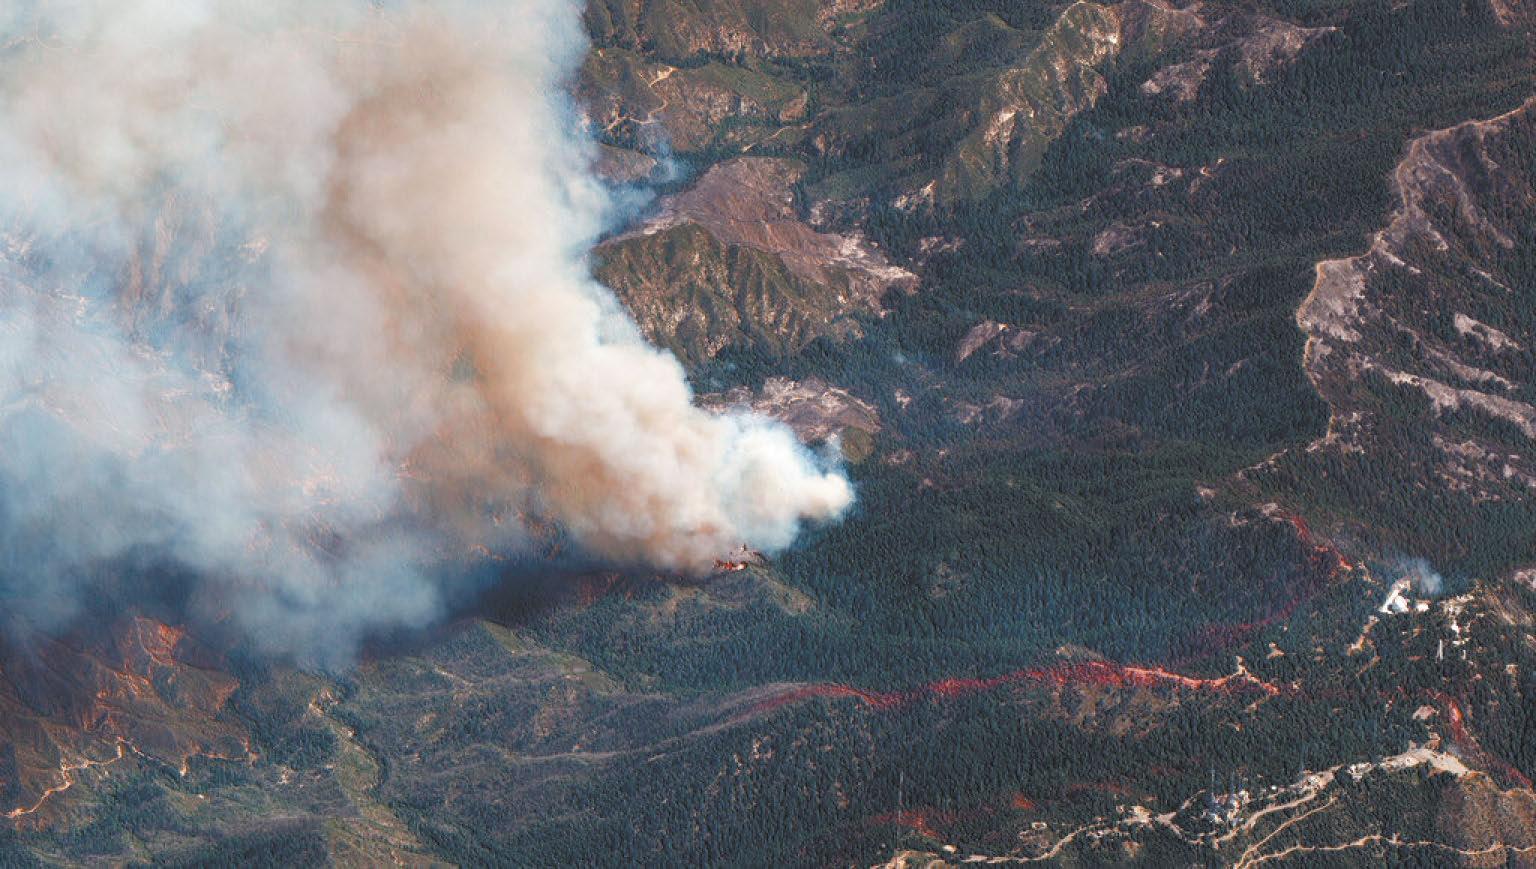 衛星圖像顯示山貓山火在天使國家森林內延燒。美聯社